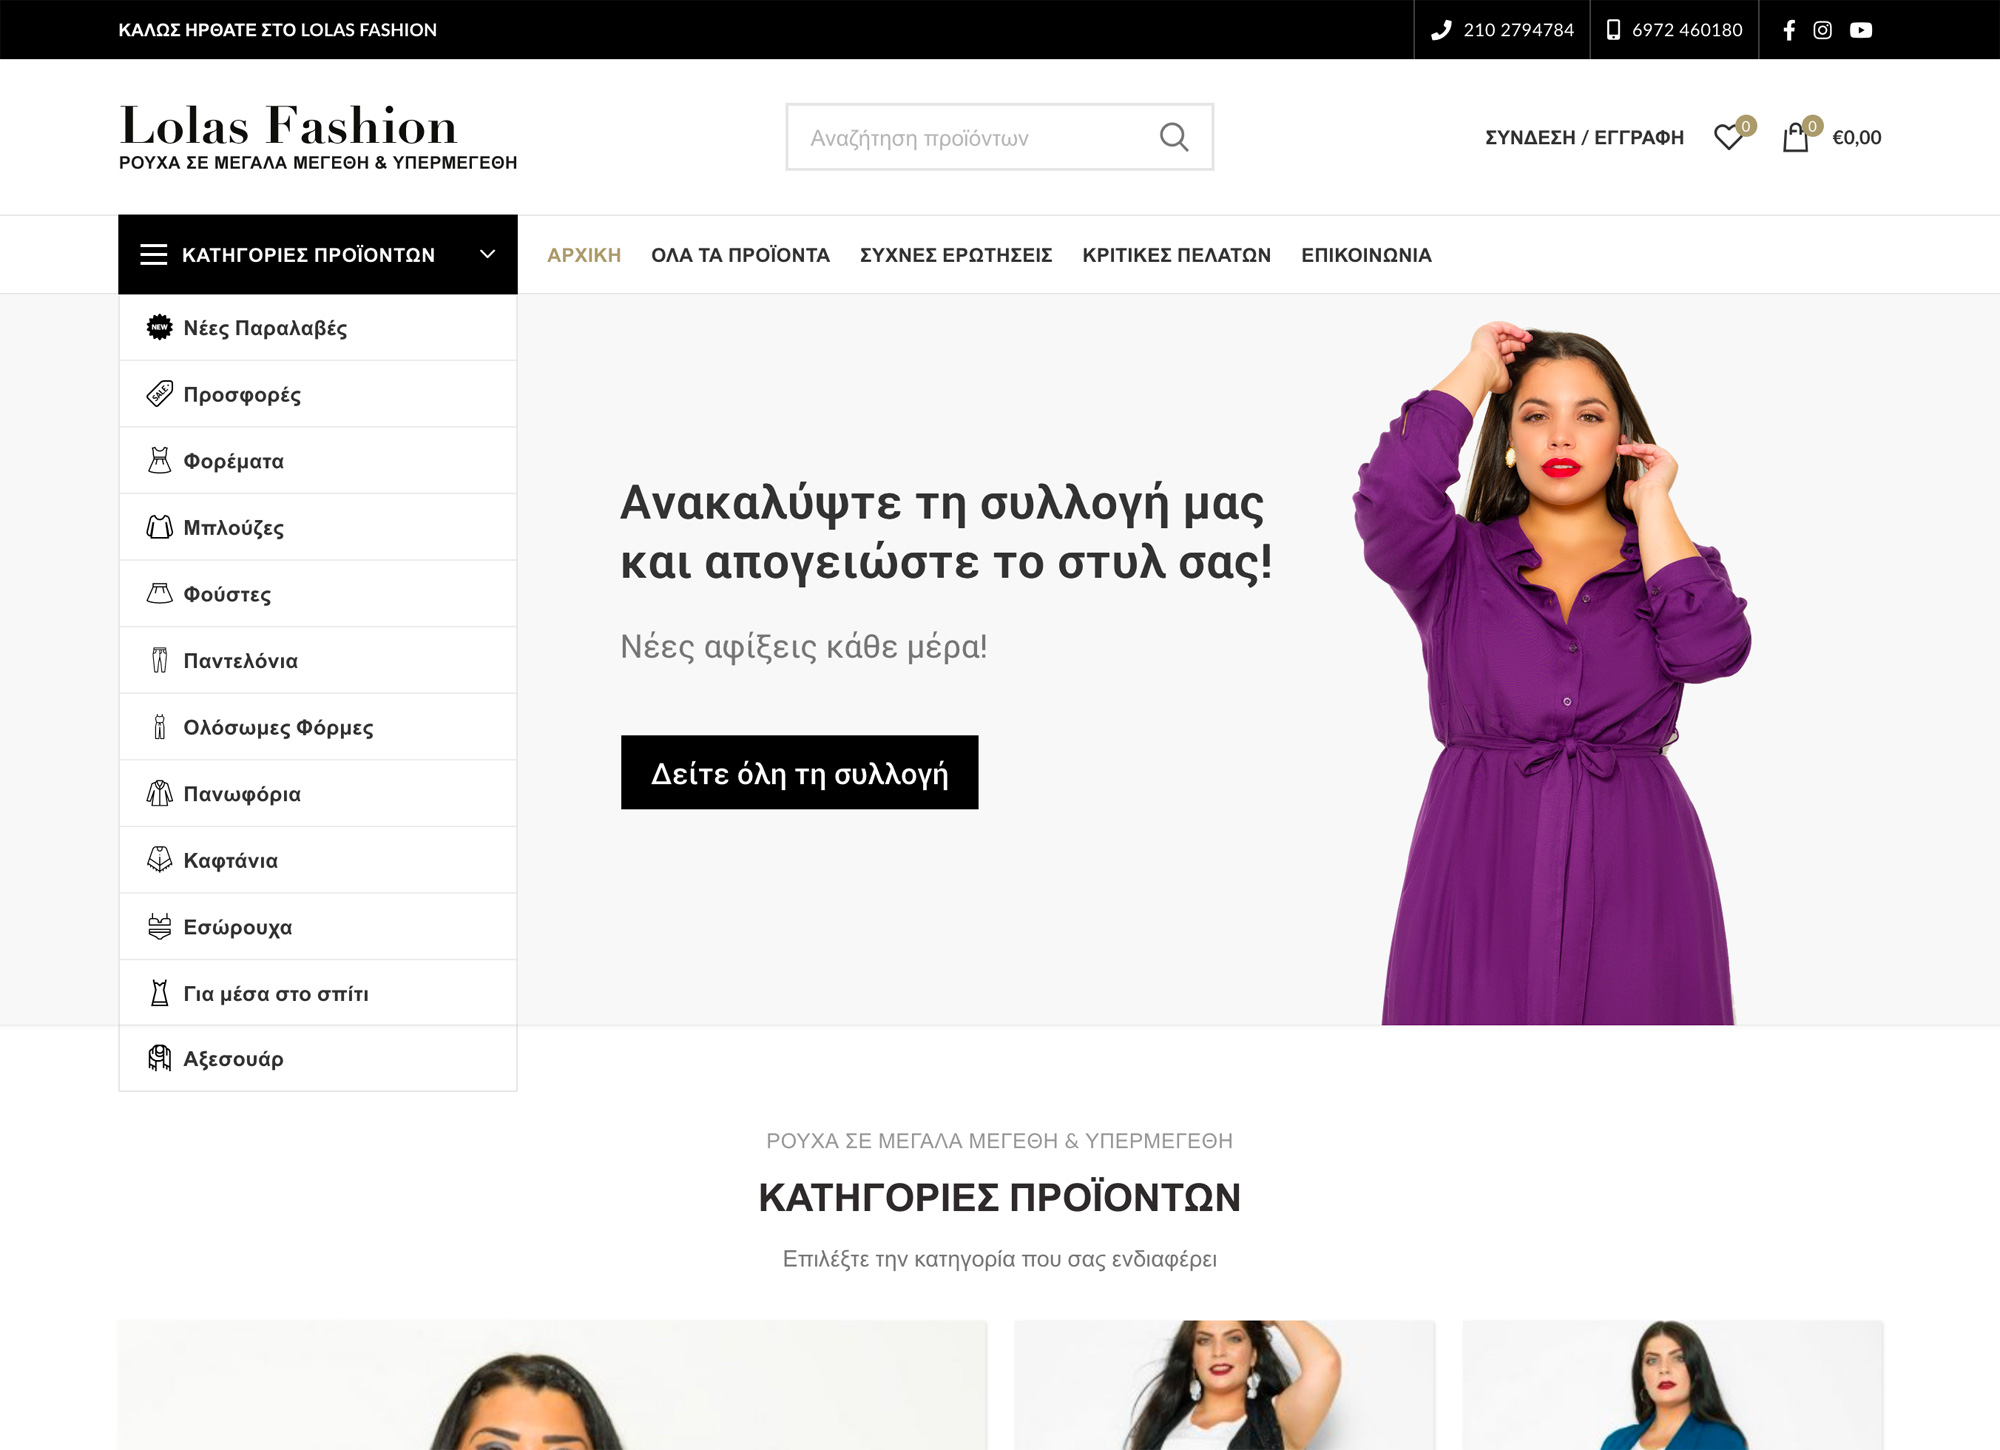 Lolas Fashion eShop development